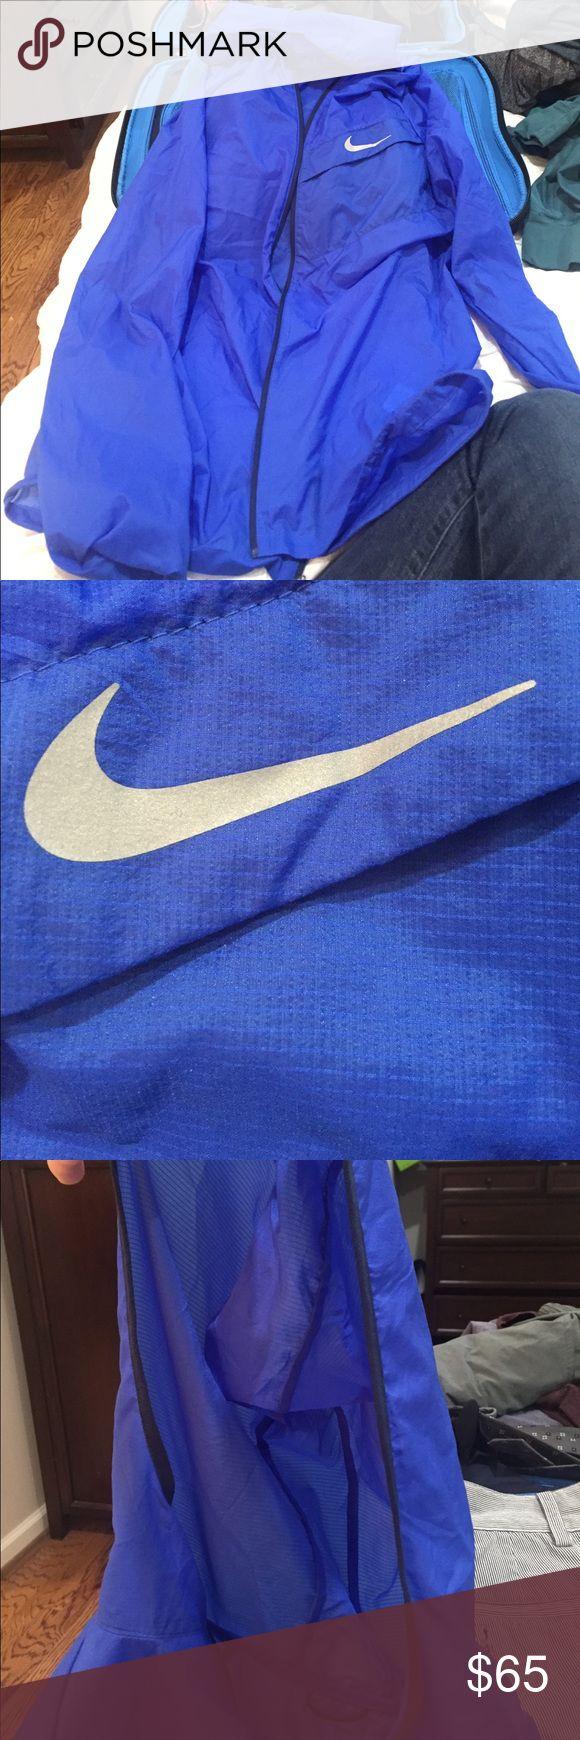 Nike Hurricane Jacket Medium. Like new. Royal blue. Nike Jackets & Coats Performance Jackets